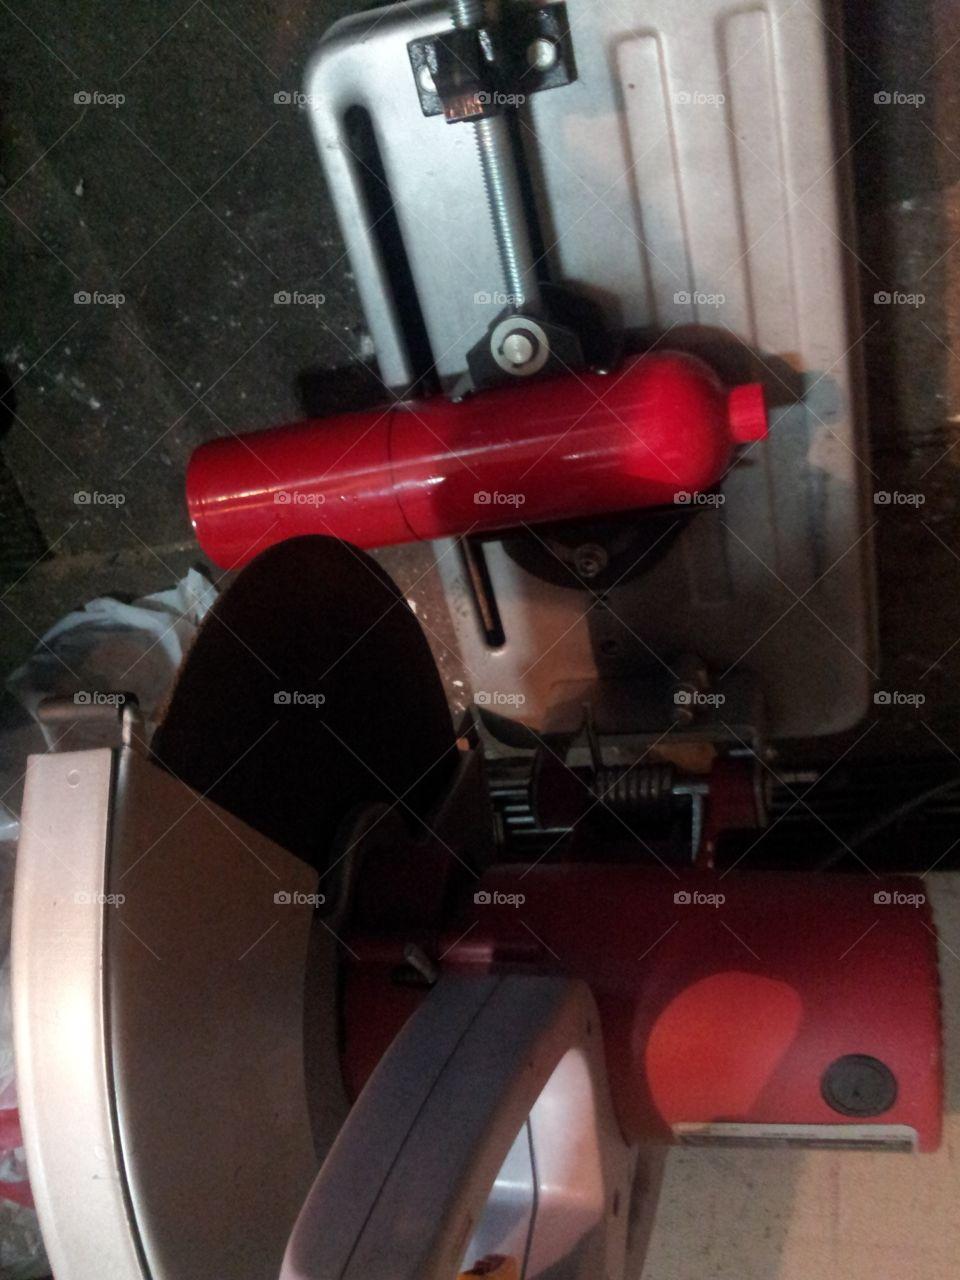 Cutting a fire extinguisher in half